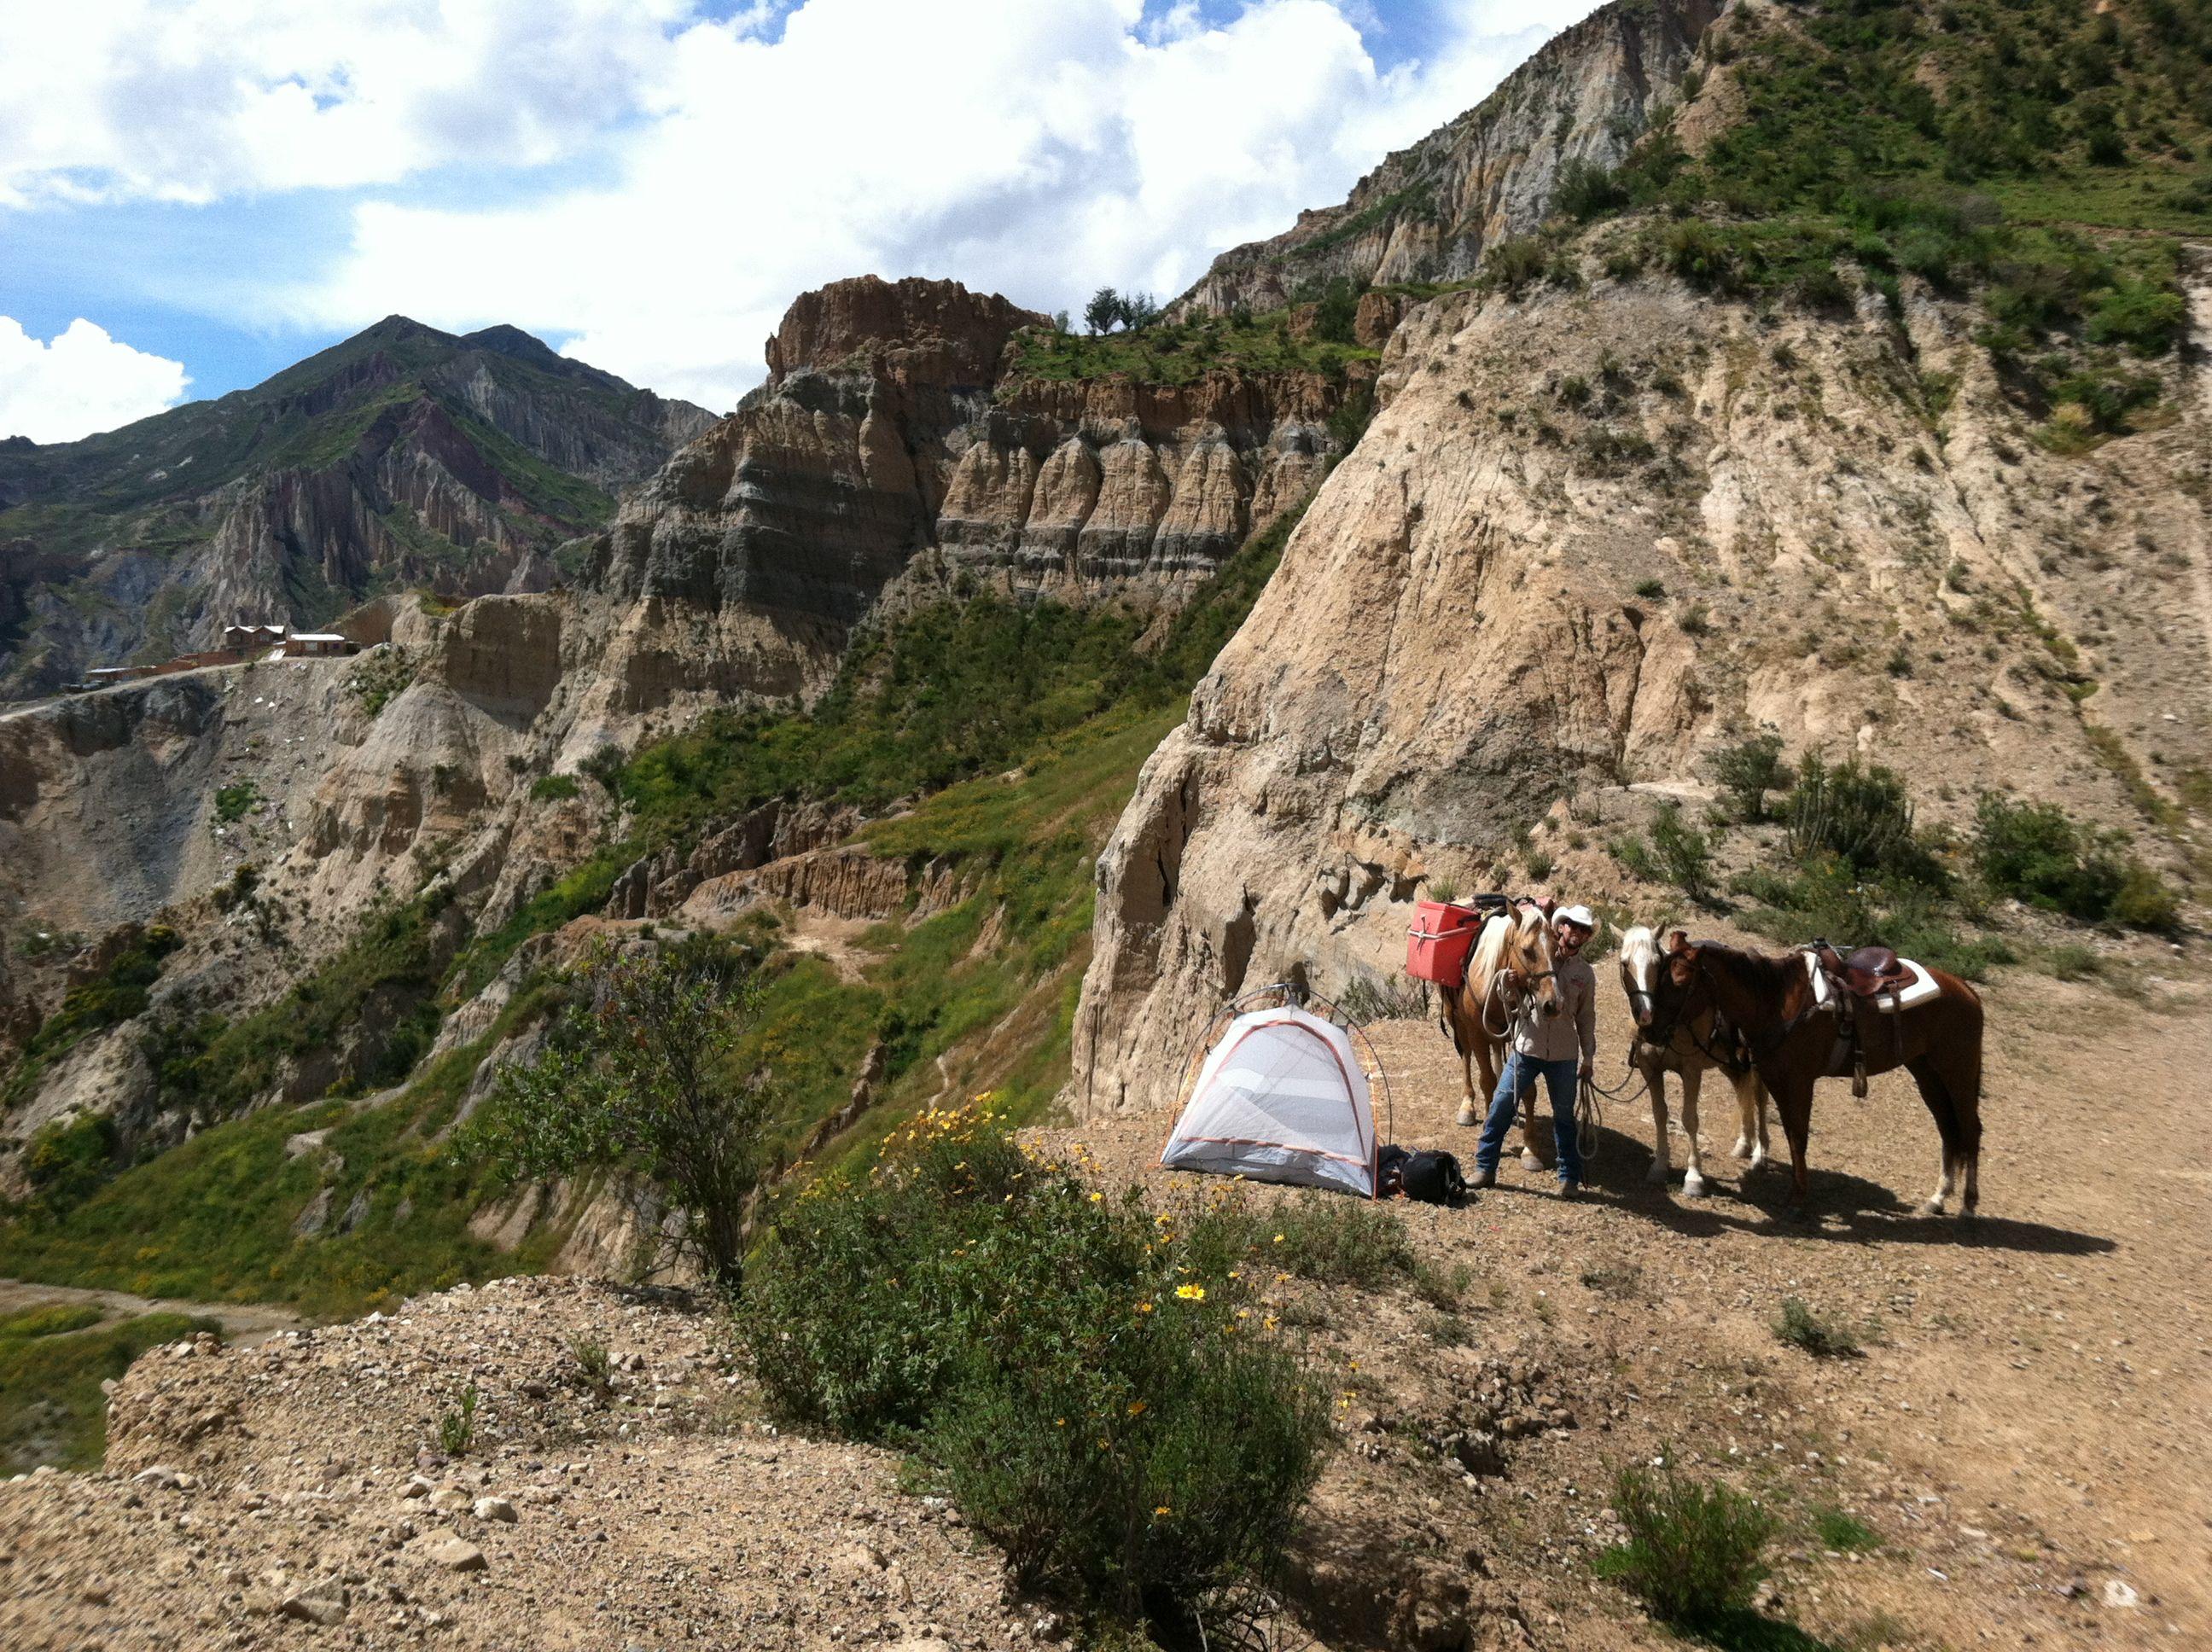 Um dos maiores desafios foi atravessar montanhas com os cavalos. Na foto, o brasileiro cruzava os Andes Bolivianos